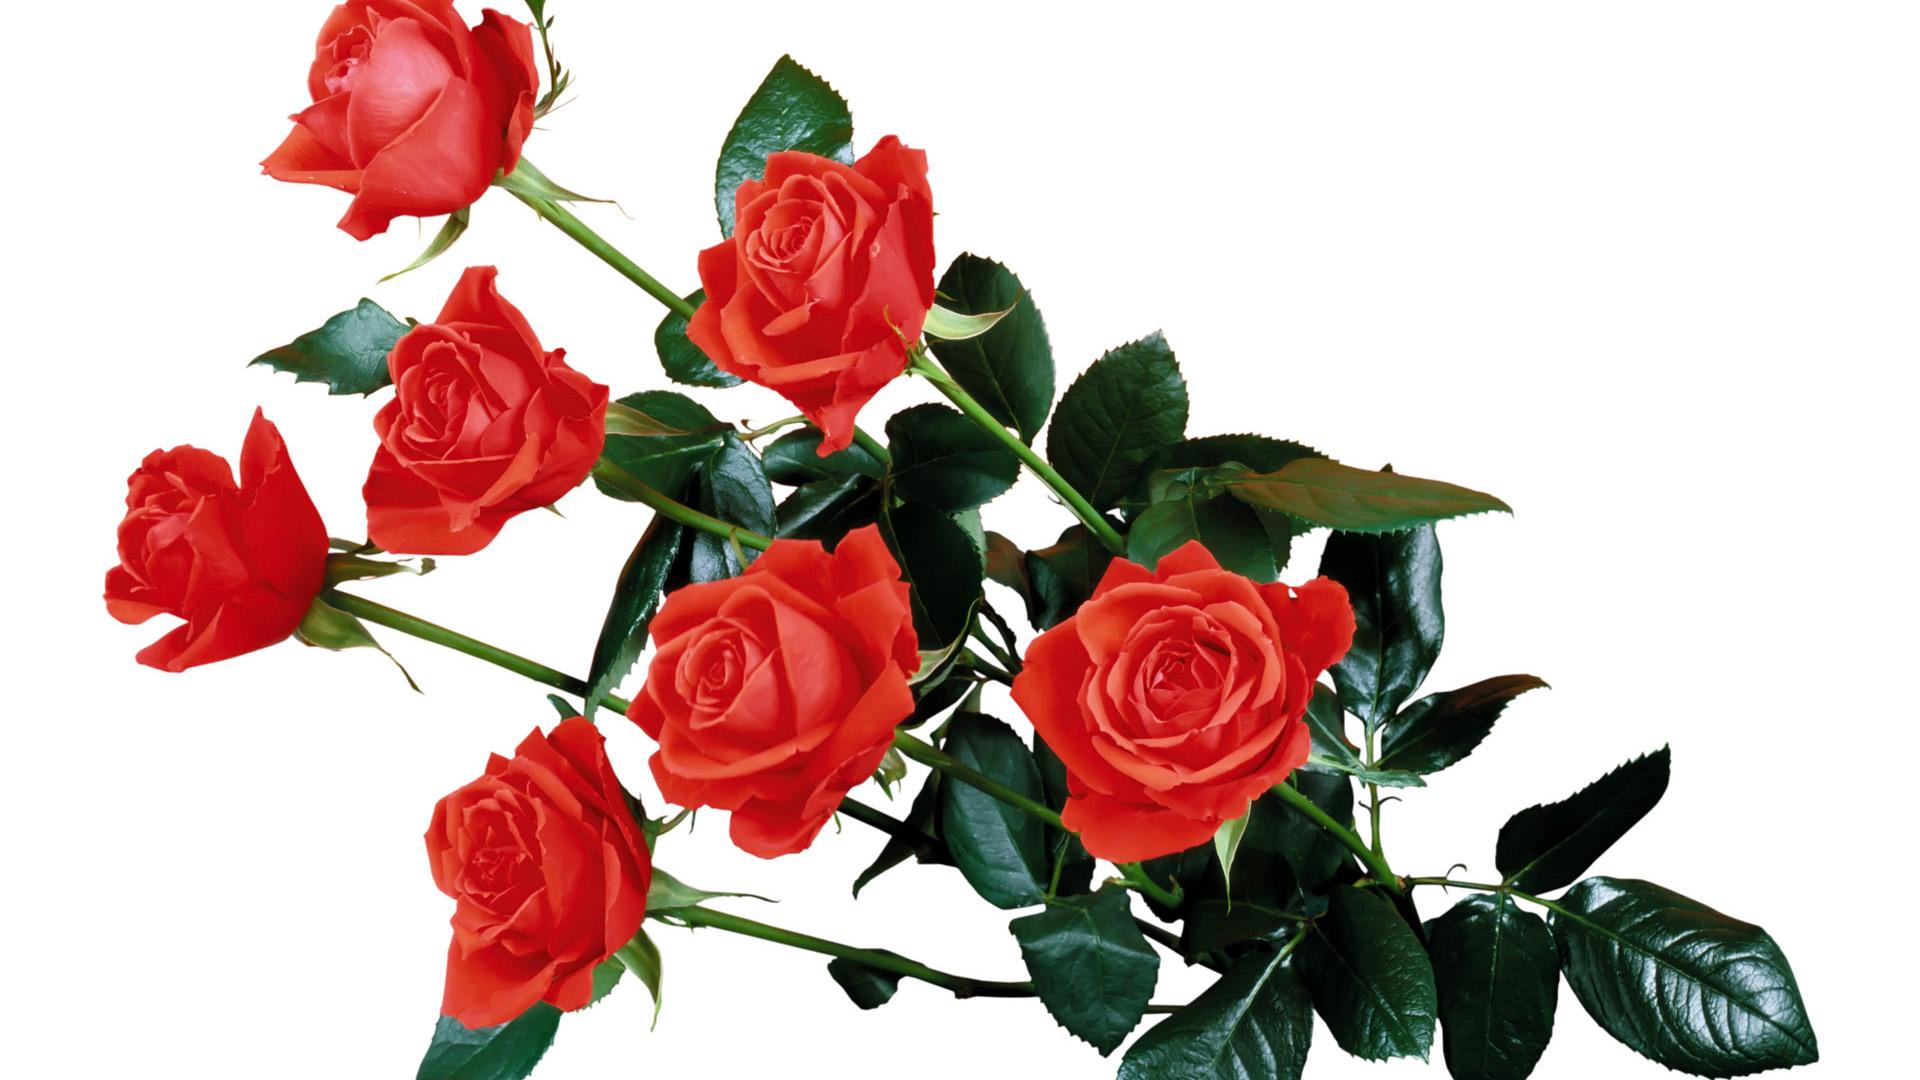 Rose HD PNG - 94825